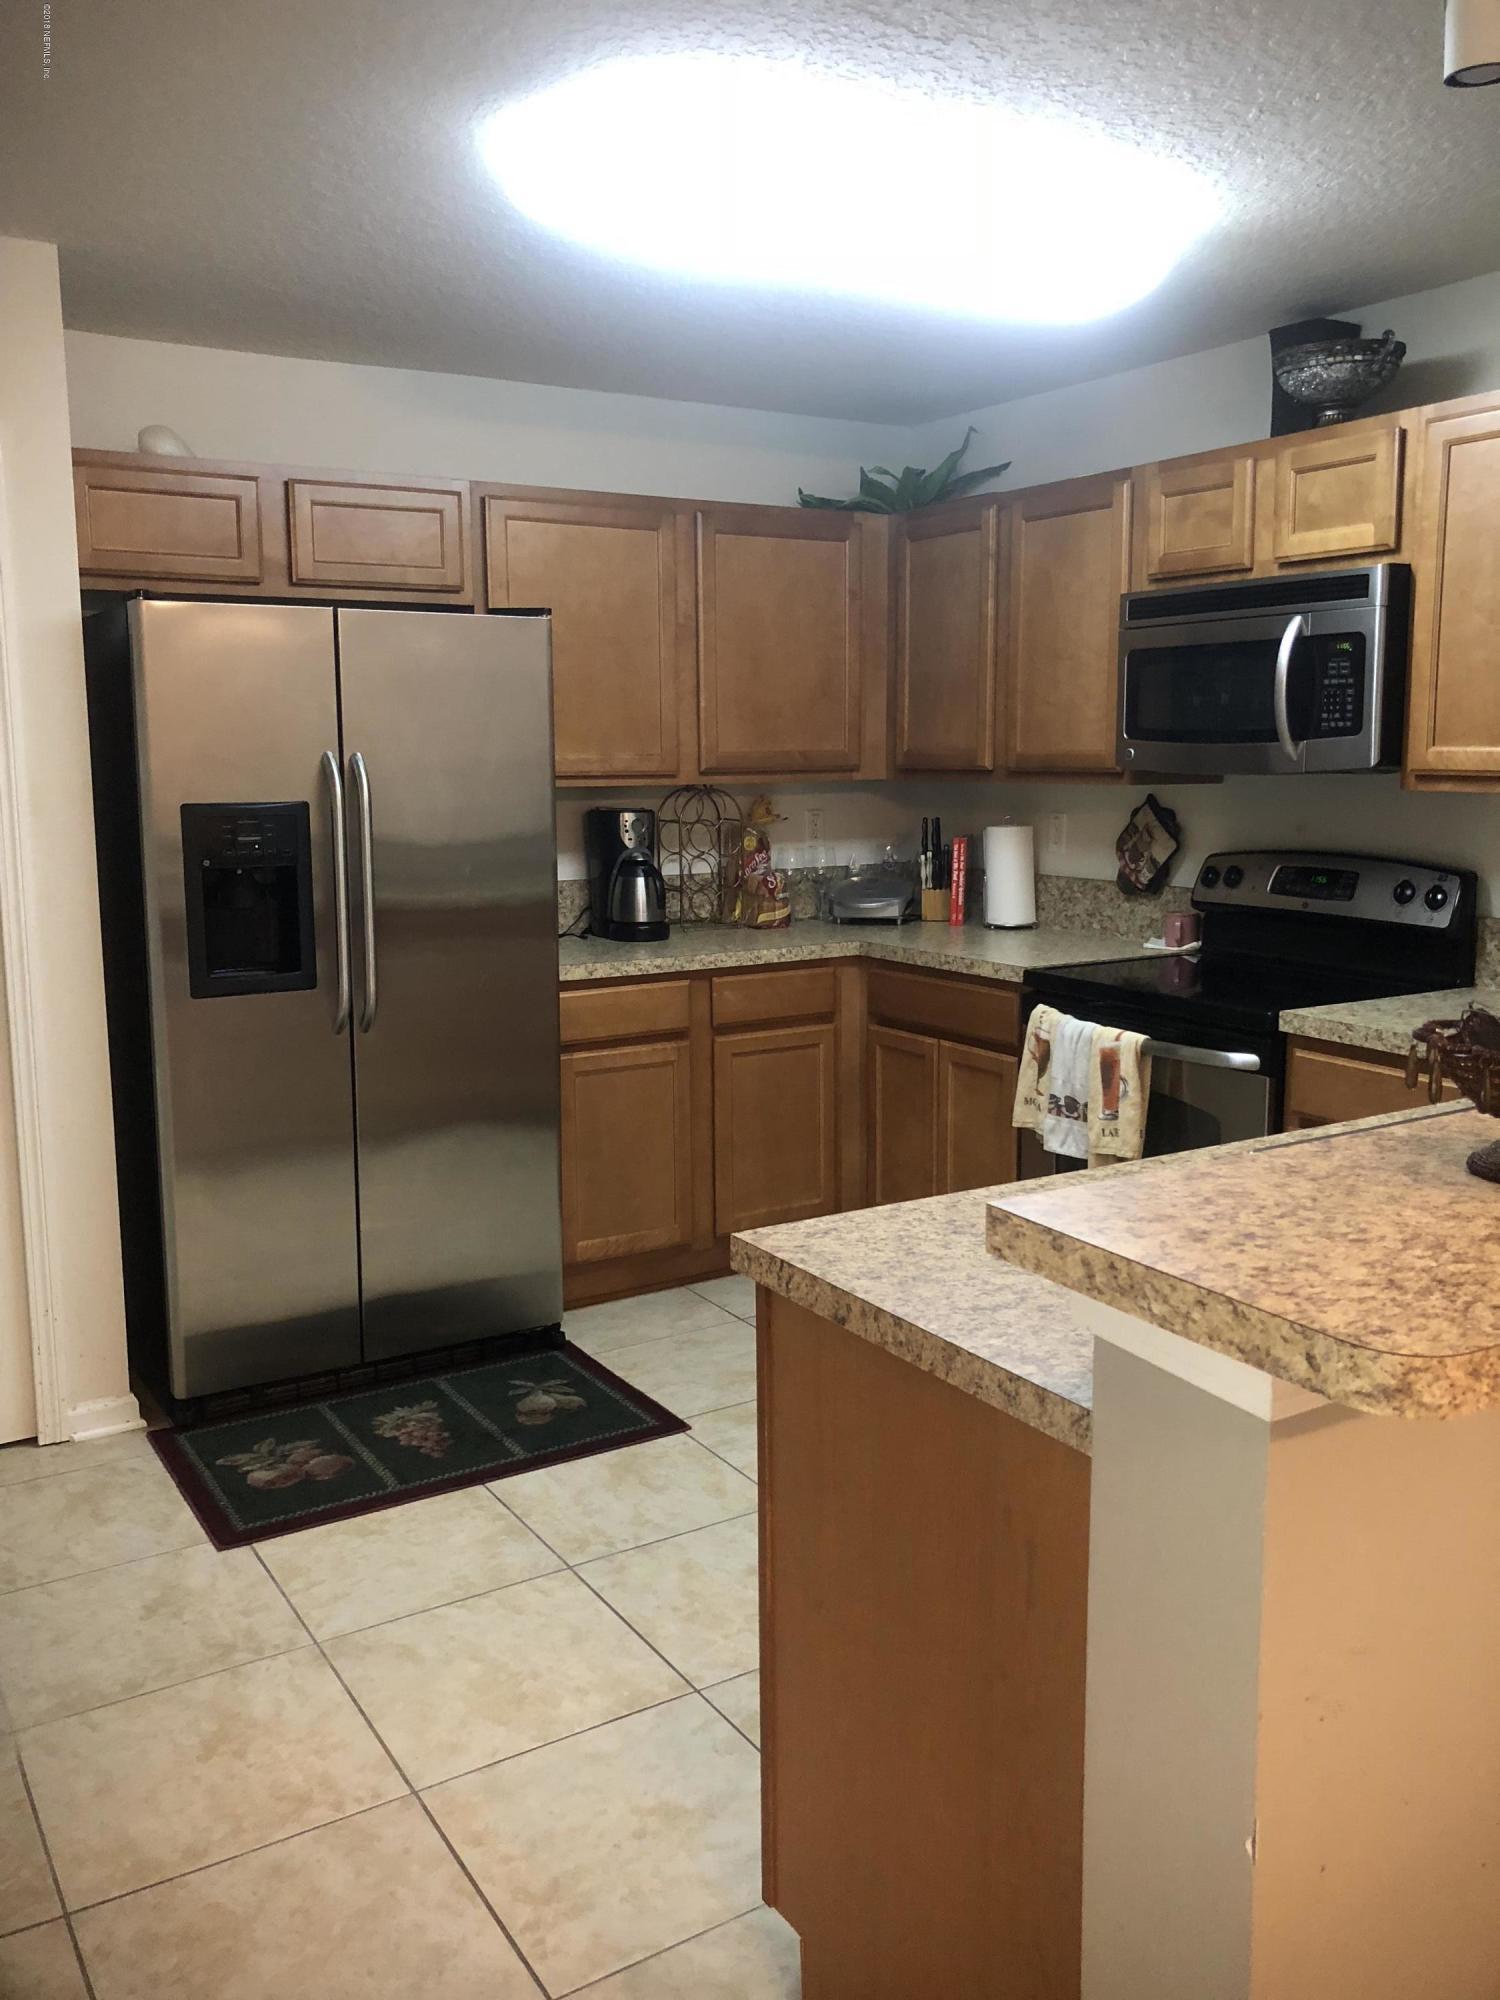 3711 KIRKPATRICK, JACKSONVILLE, FLORIDA 32210, 3 Bedrooms Bedrooms, ,2 BathroomsBathrooms,Residential - condos/townhomes,For sale,KIRKPATRICK,948992